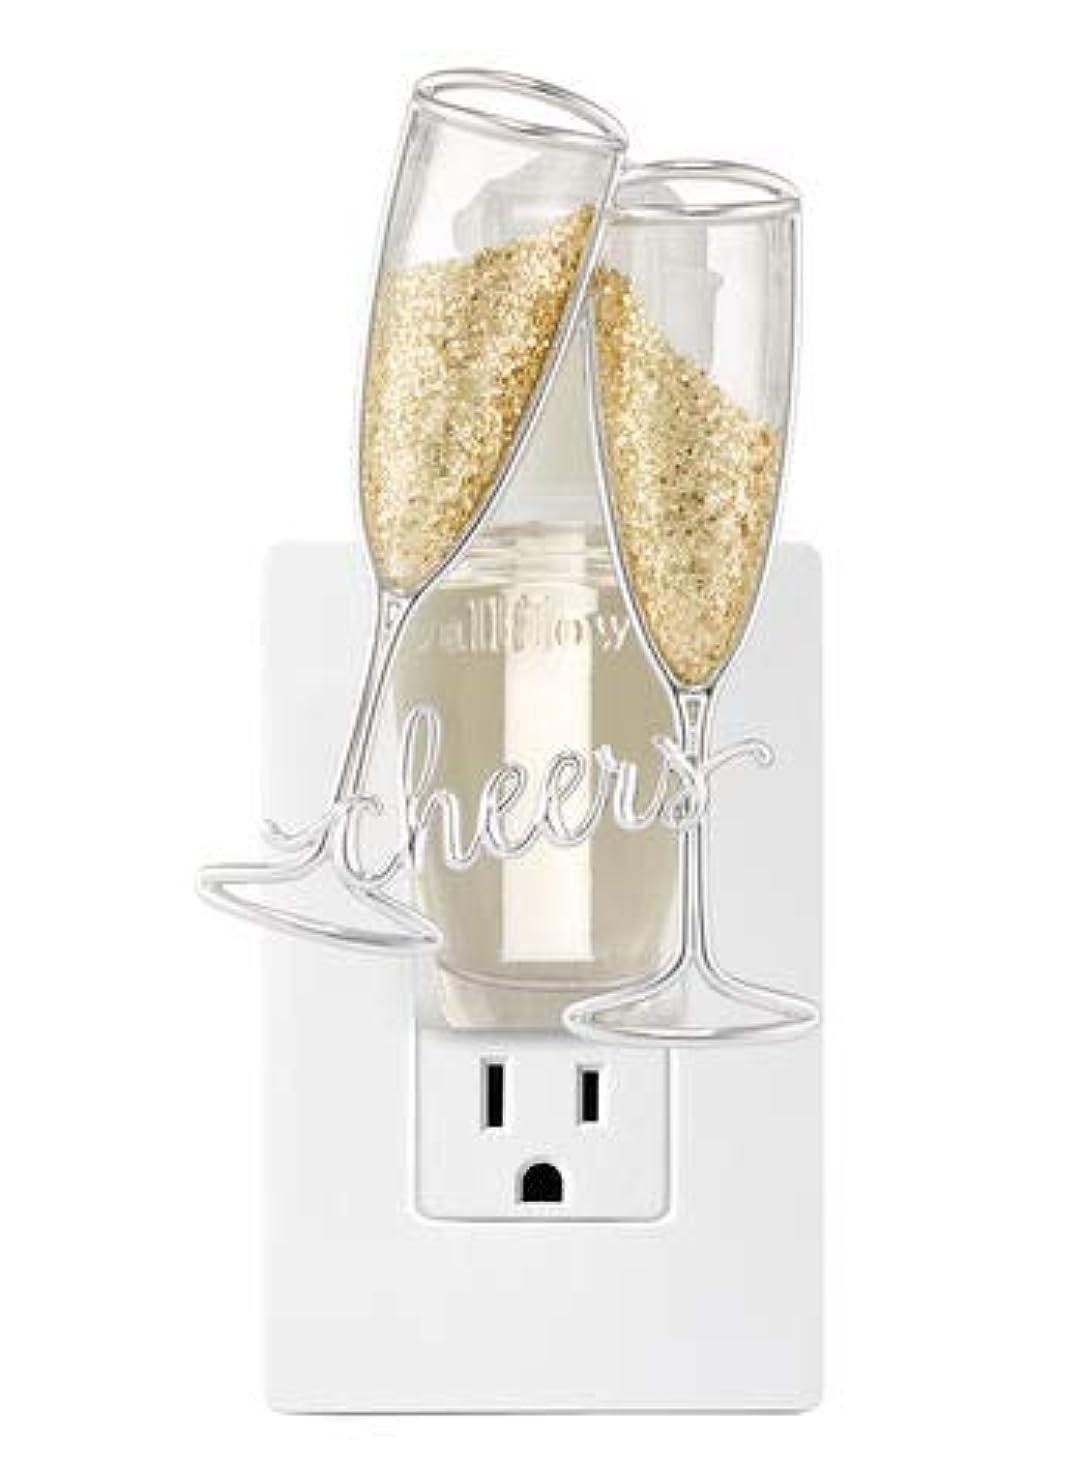 驚くべき困惑地質学【Bath&Body Works/バス&ボディワークス】 ルームフレグランス プラグインスターター (本体のみ) チアーズシャンパン ナイトライト Wallflowers Fragrance Plug Cheers Champagne...